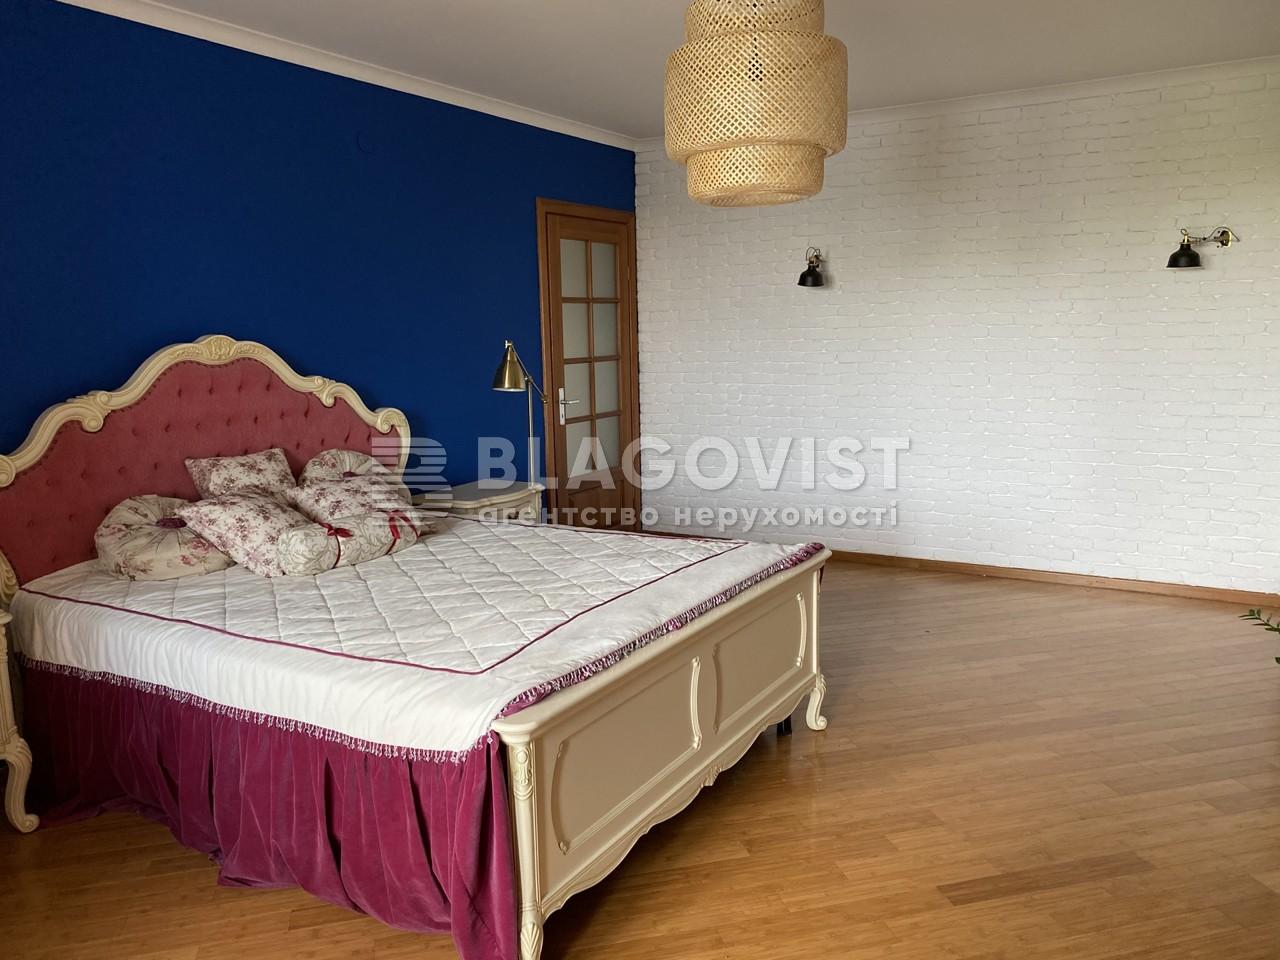 Квартира R-39990, Героев Сталинграда просп., 14г, Киев - Фото 14